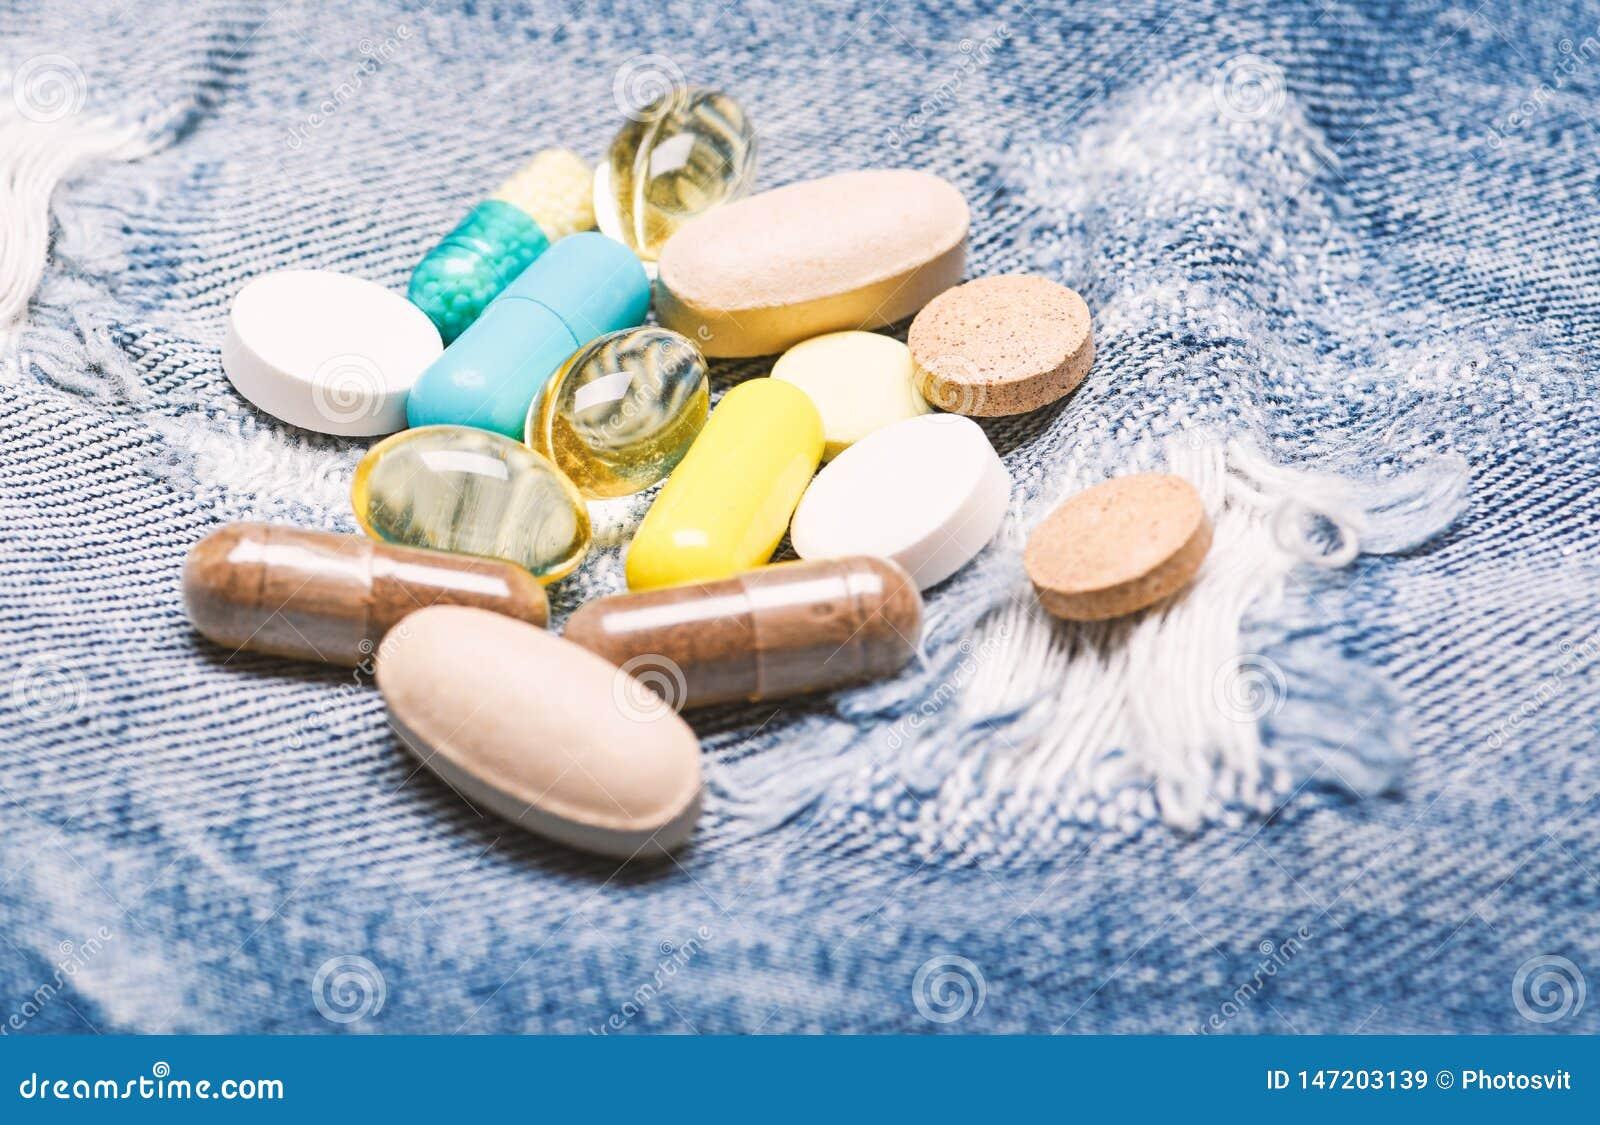 医疗保健和病症 药量和瘾 ?? 医学和治疗概念 在牛仔布背景的药物